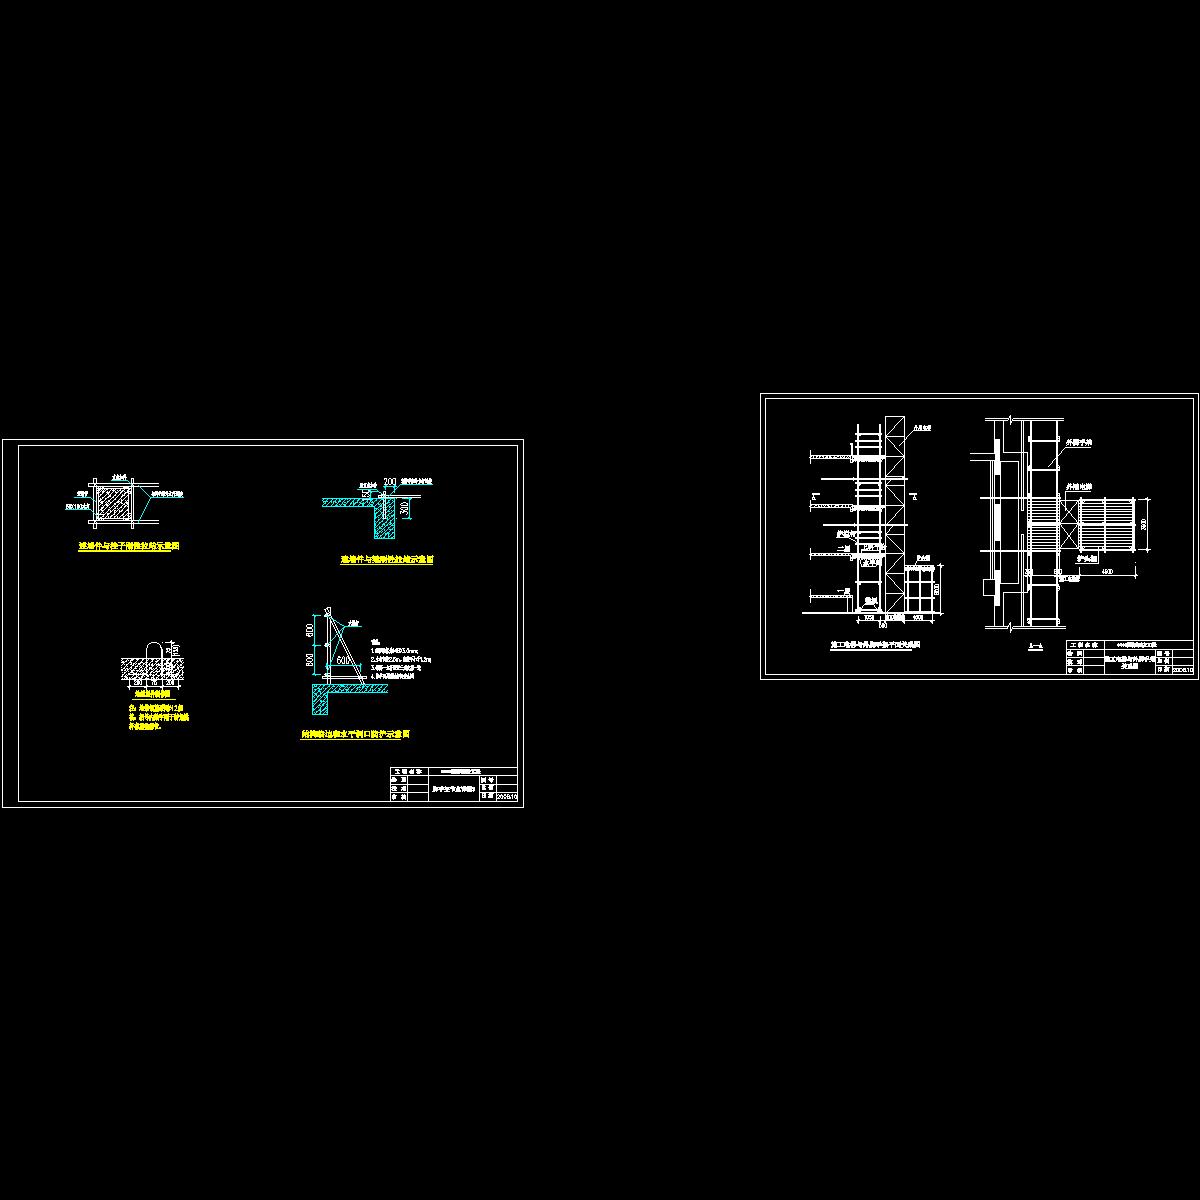 施工电梯与外脚手架关系图1.dwg